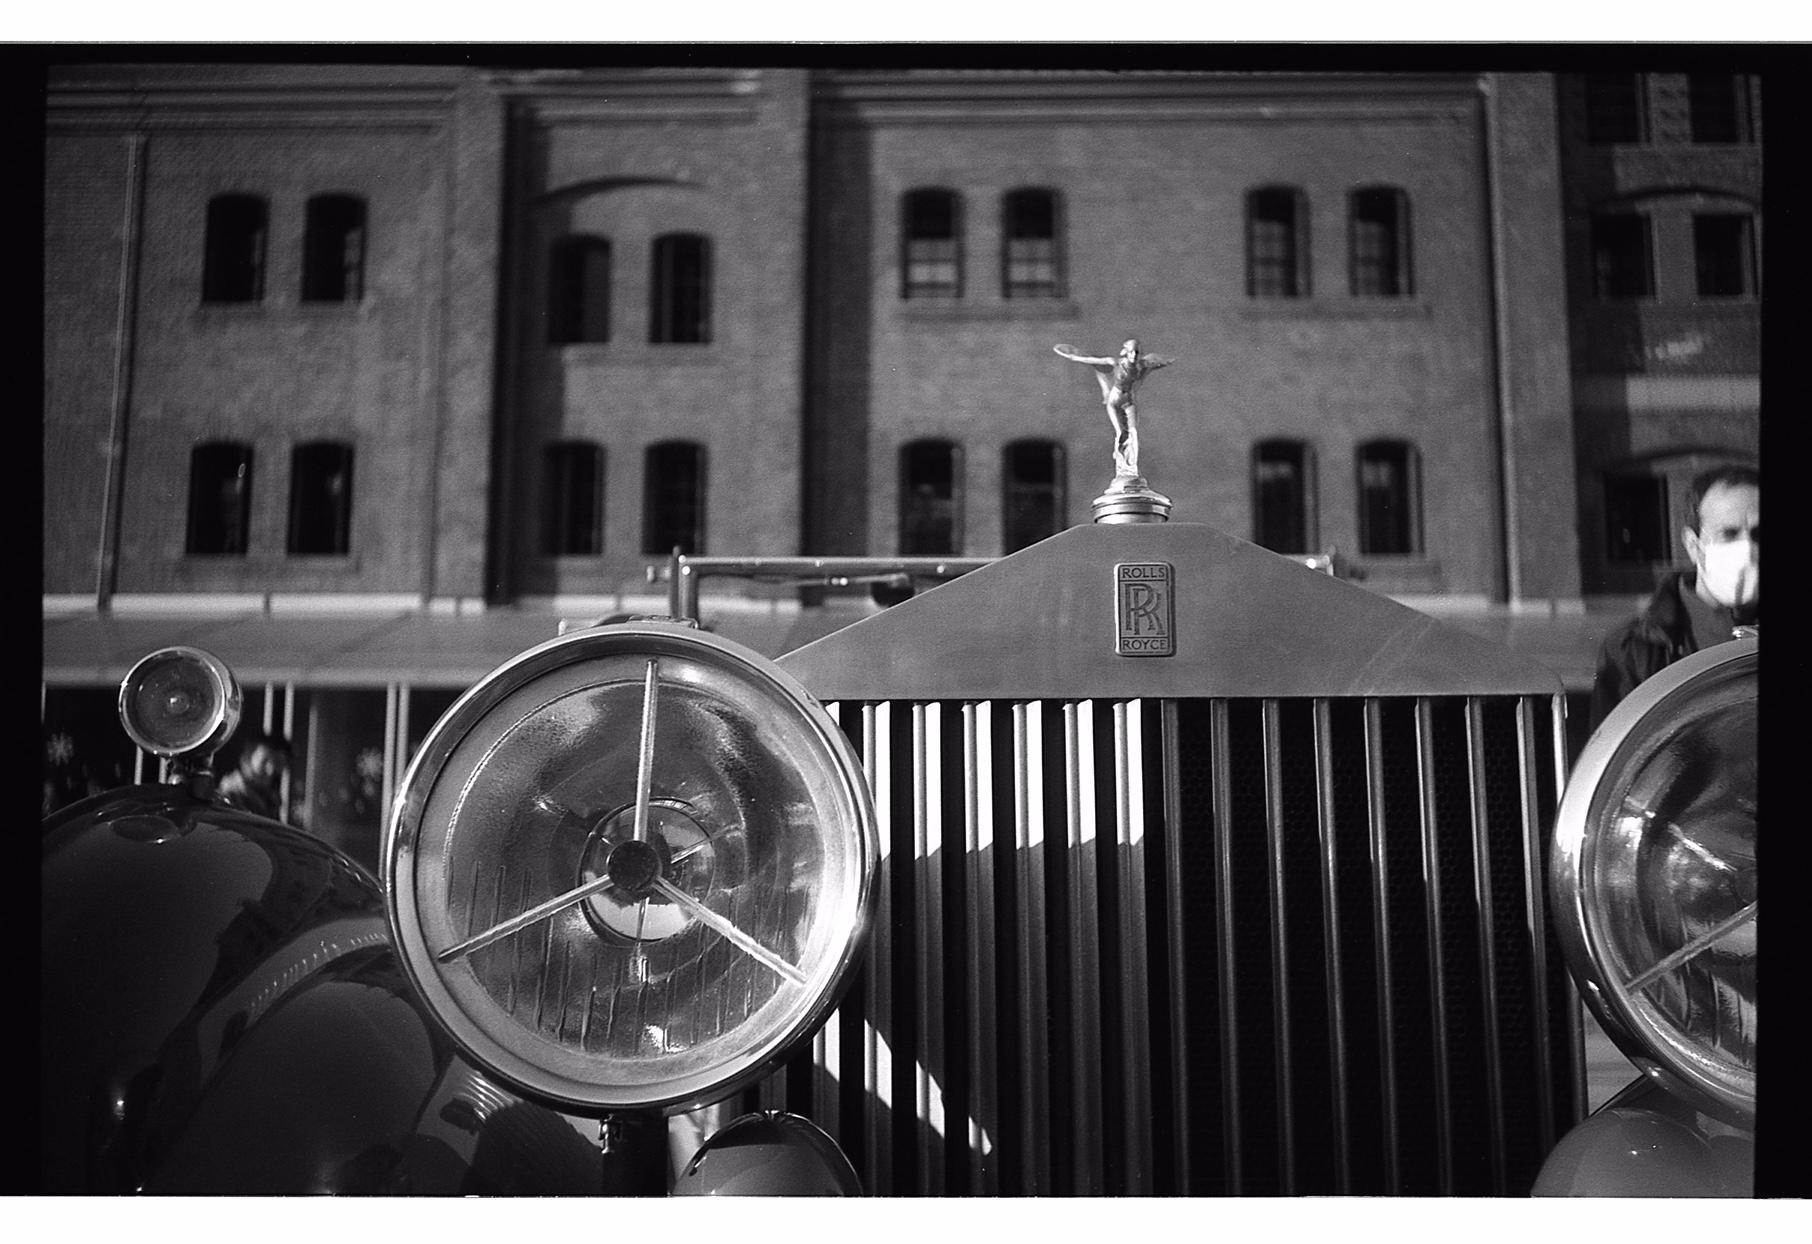 【Leica】M2と過ごした2020年